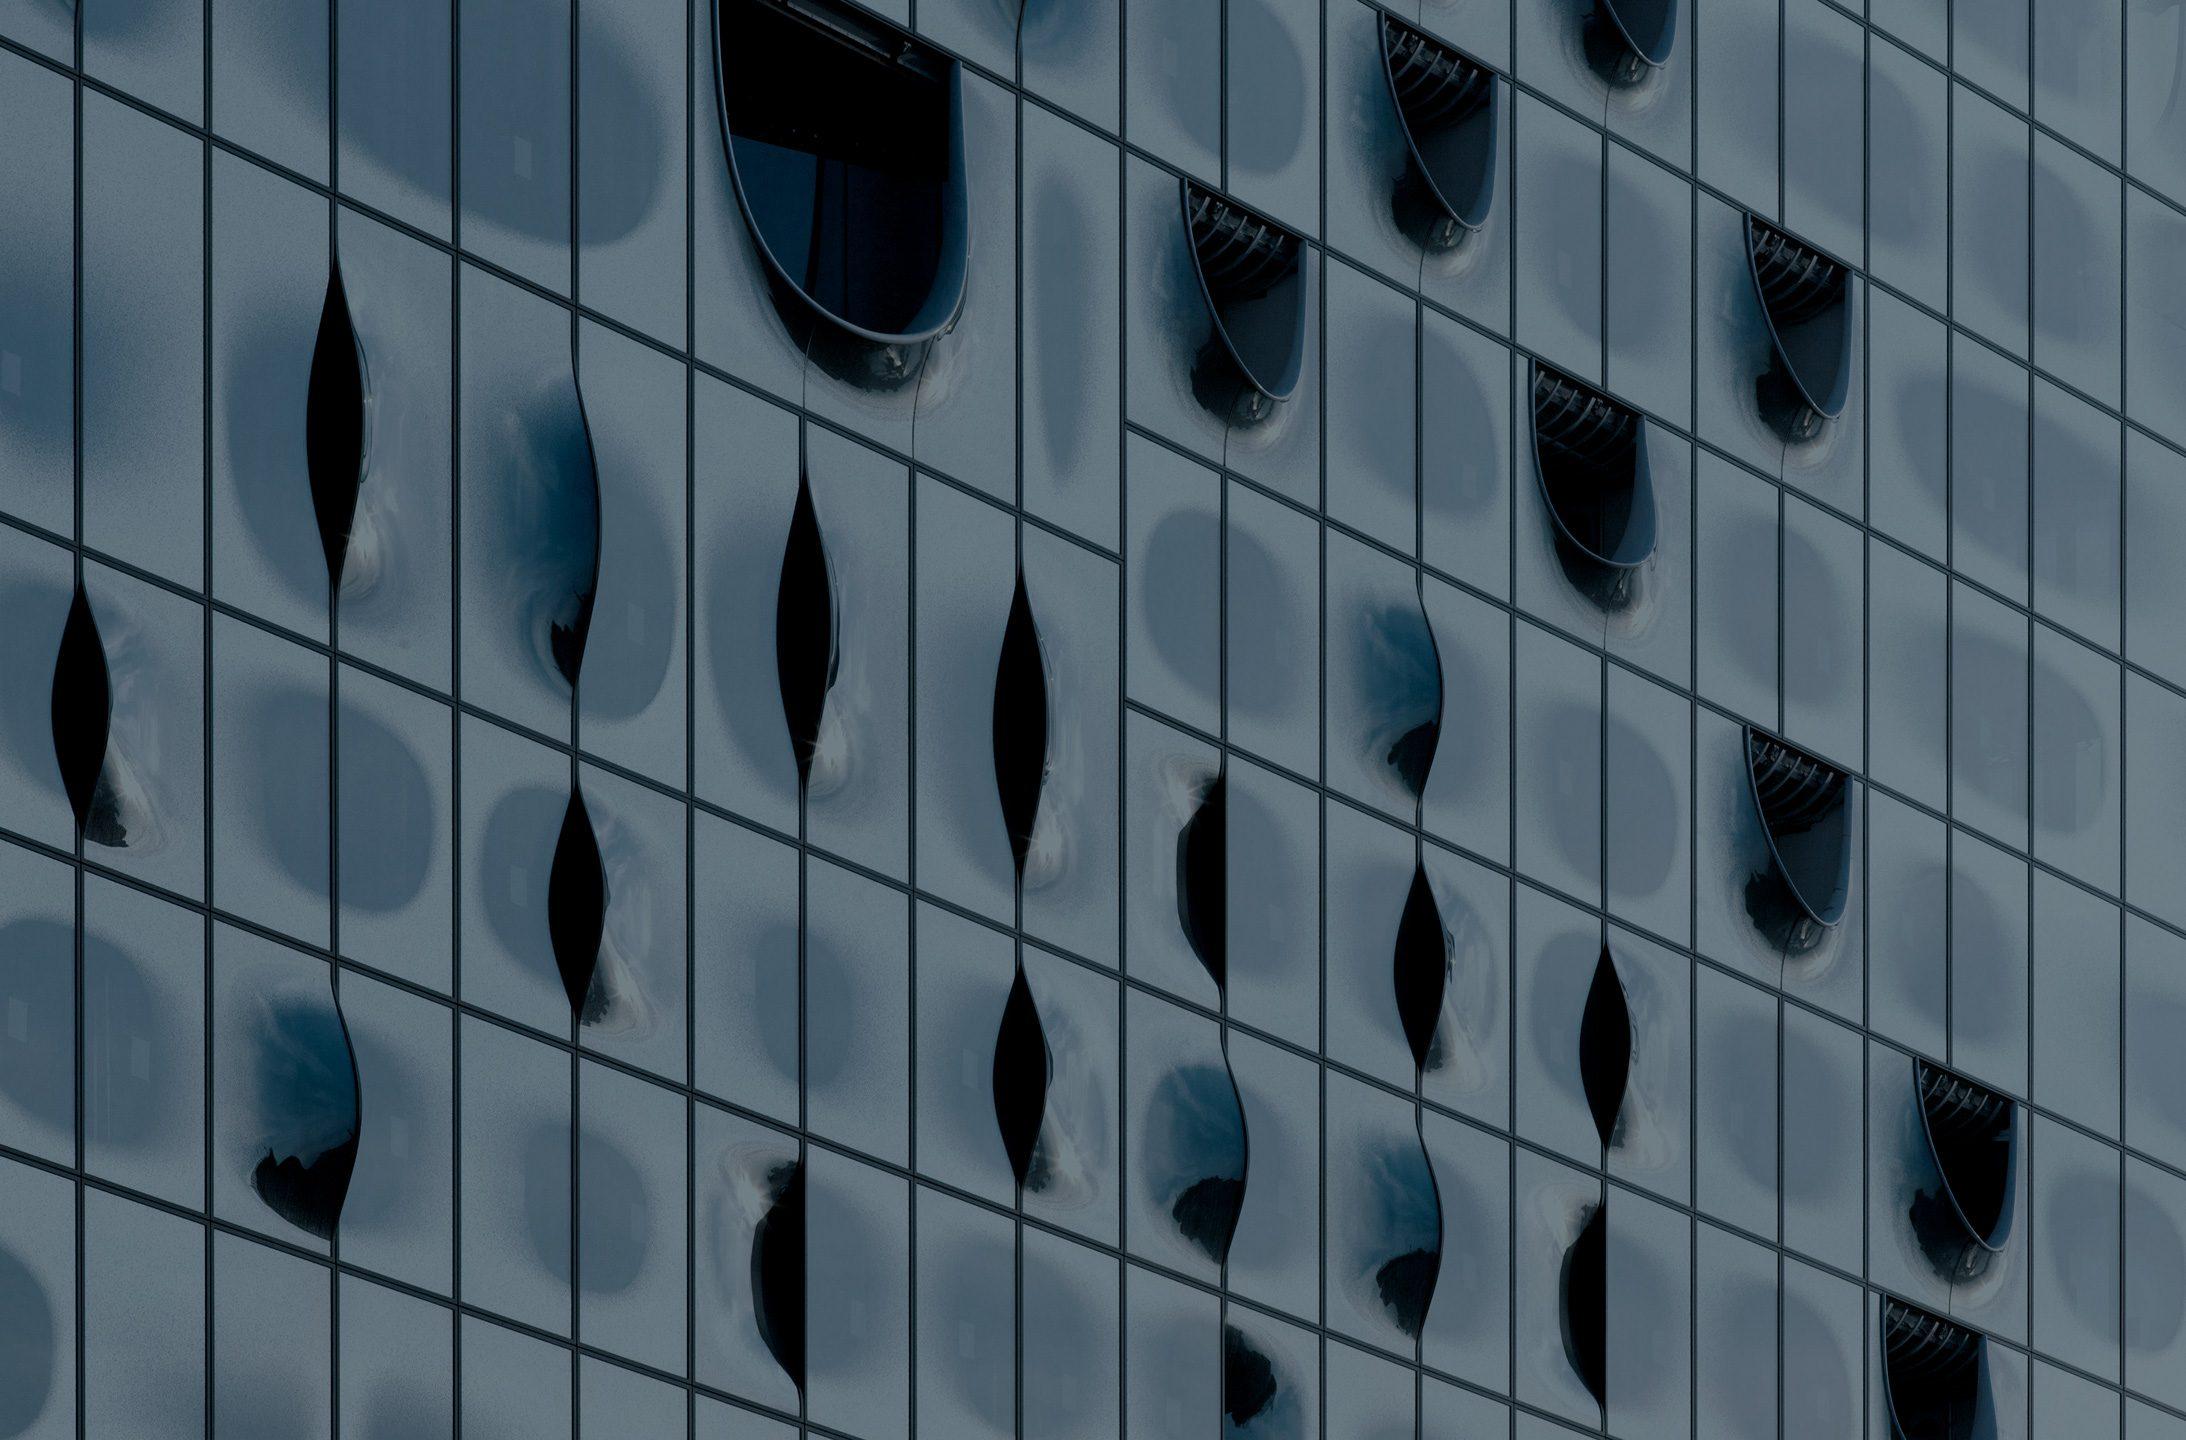 Jebens Mensching berät Captiva beim Einstieg in das Hamburger Landmark-Projekt Johann Kontor /Johann Kontor langfristig in den Händen Hamburger Unternehmen